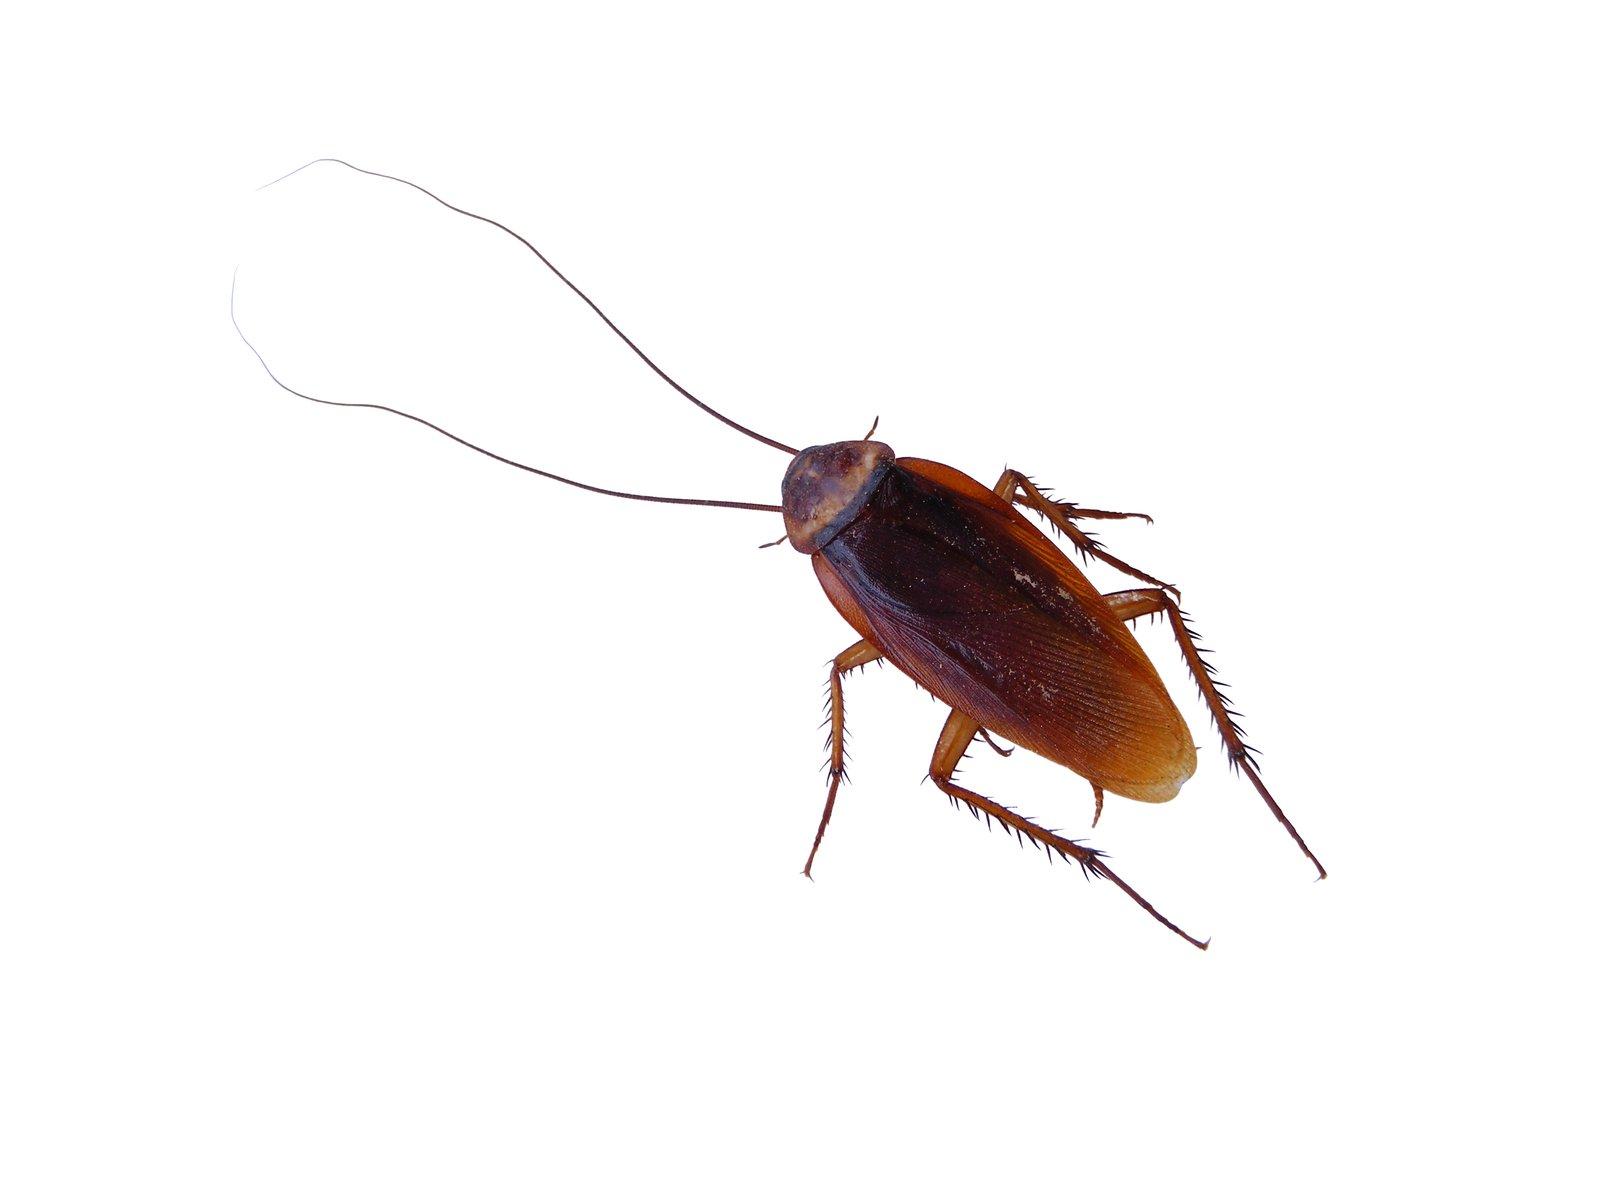 Blatte De Cuisine Photo pourquoi j'ai des blattes dans la maison ? - galactik